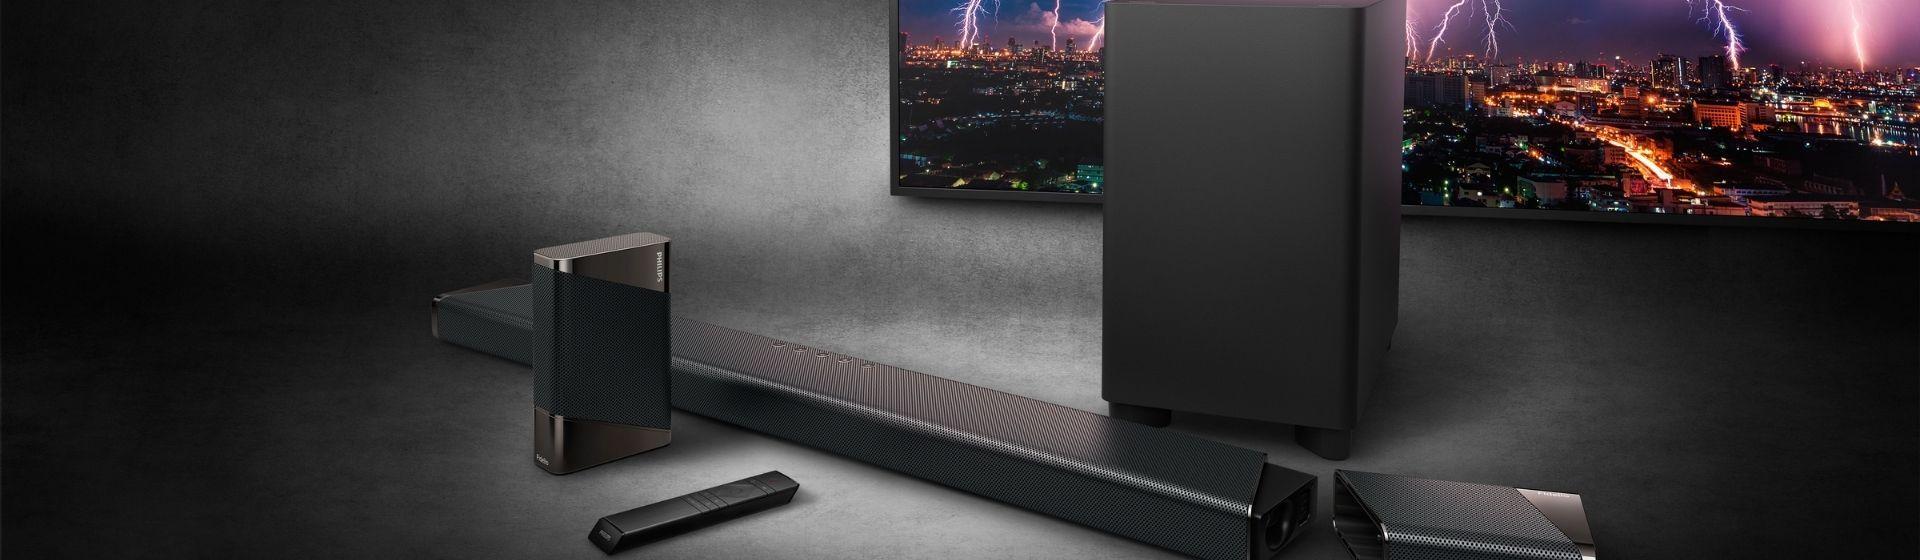 Linha de áudio Philips: conheça os novos lançamentos da marca